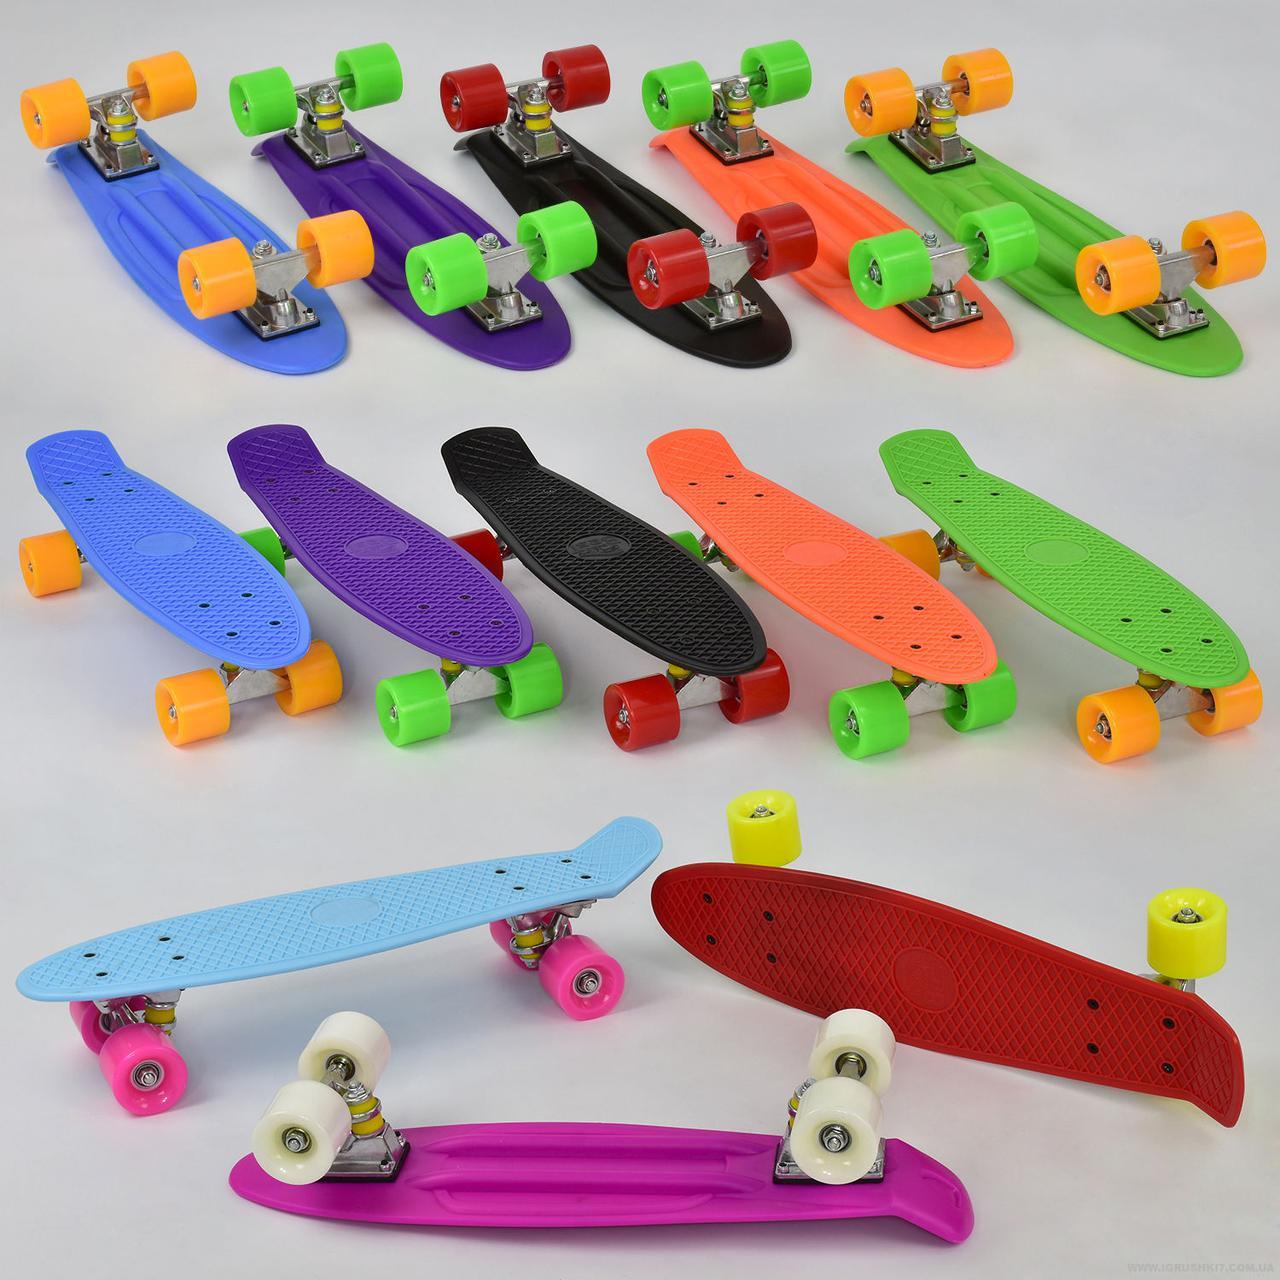 Скейт Пенни Борд (Penny Board) матовые колеса. 22 дюйма. 8 цветов